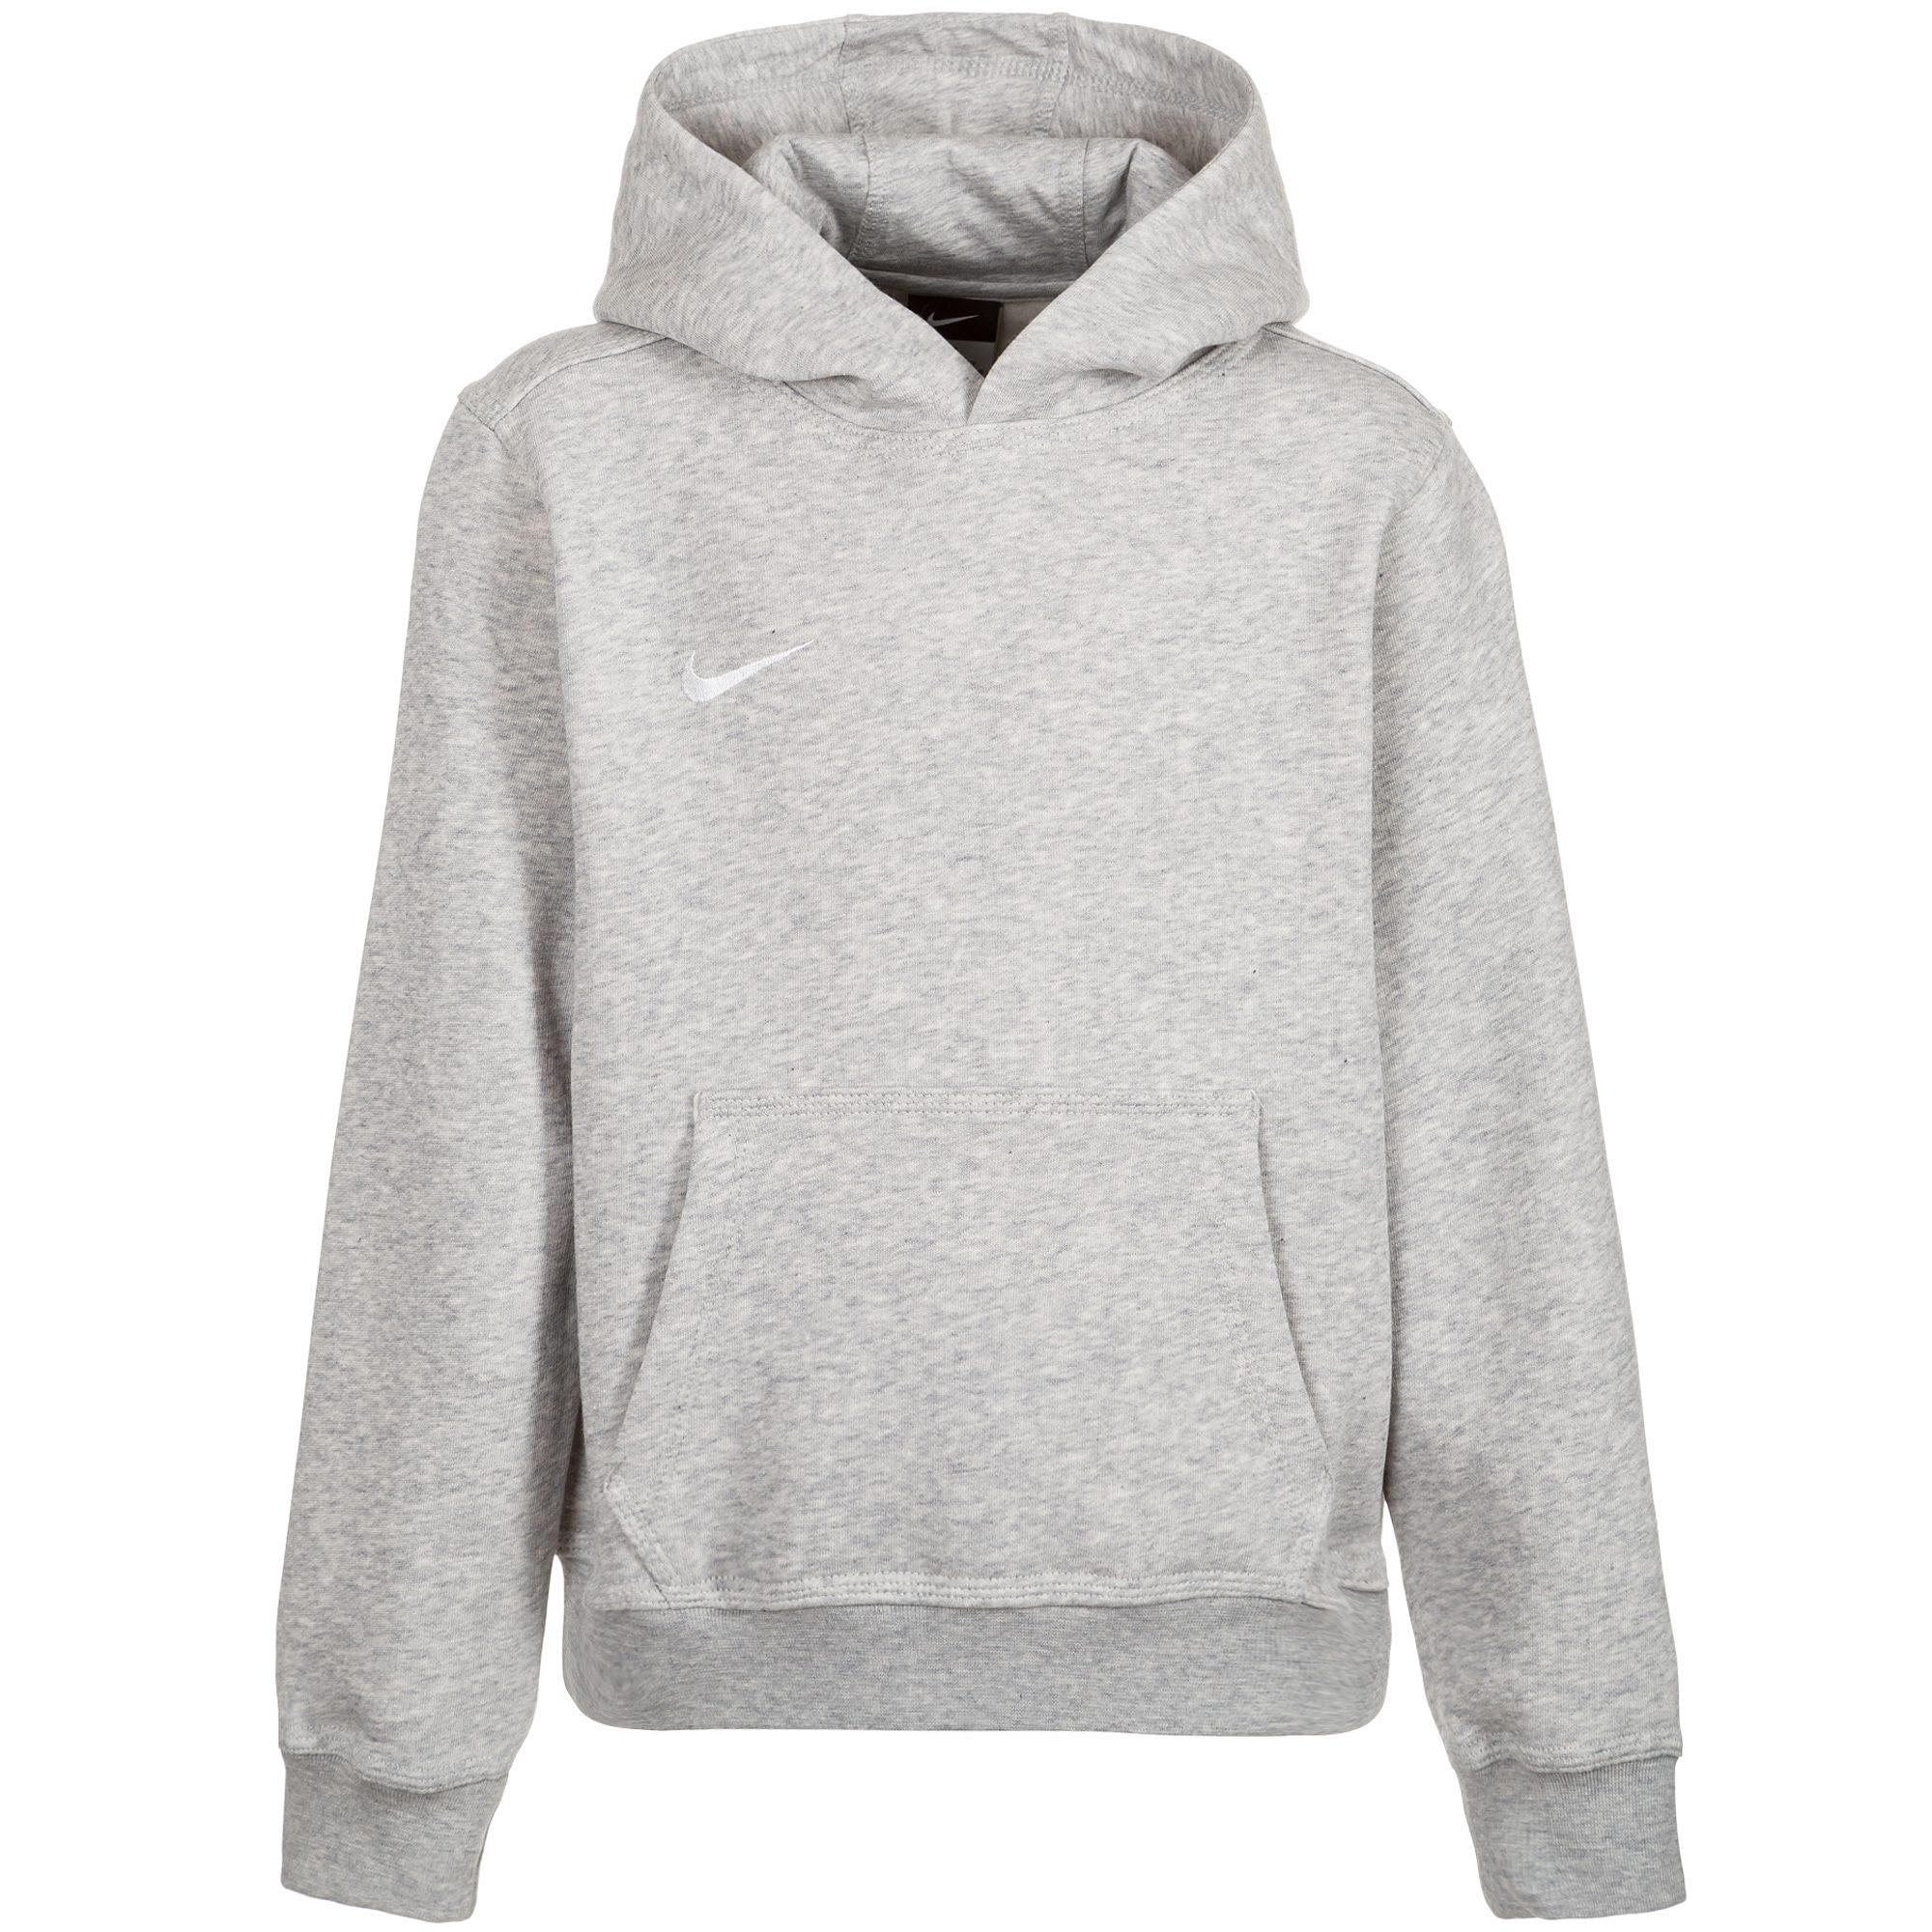 Mädchen Sweatshirts online kaufen | OTTO